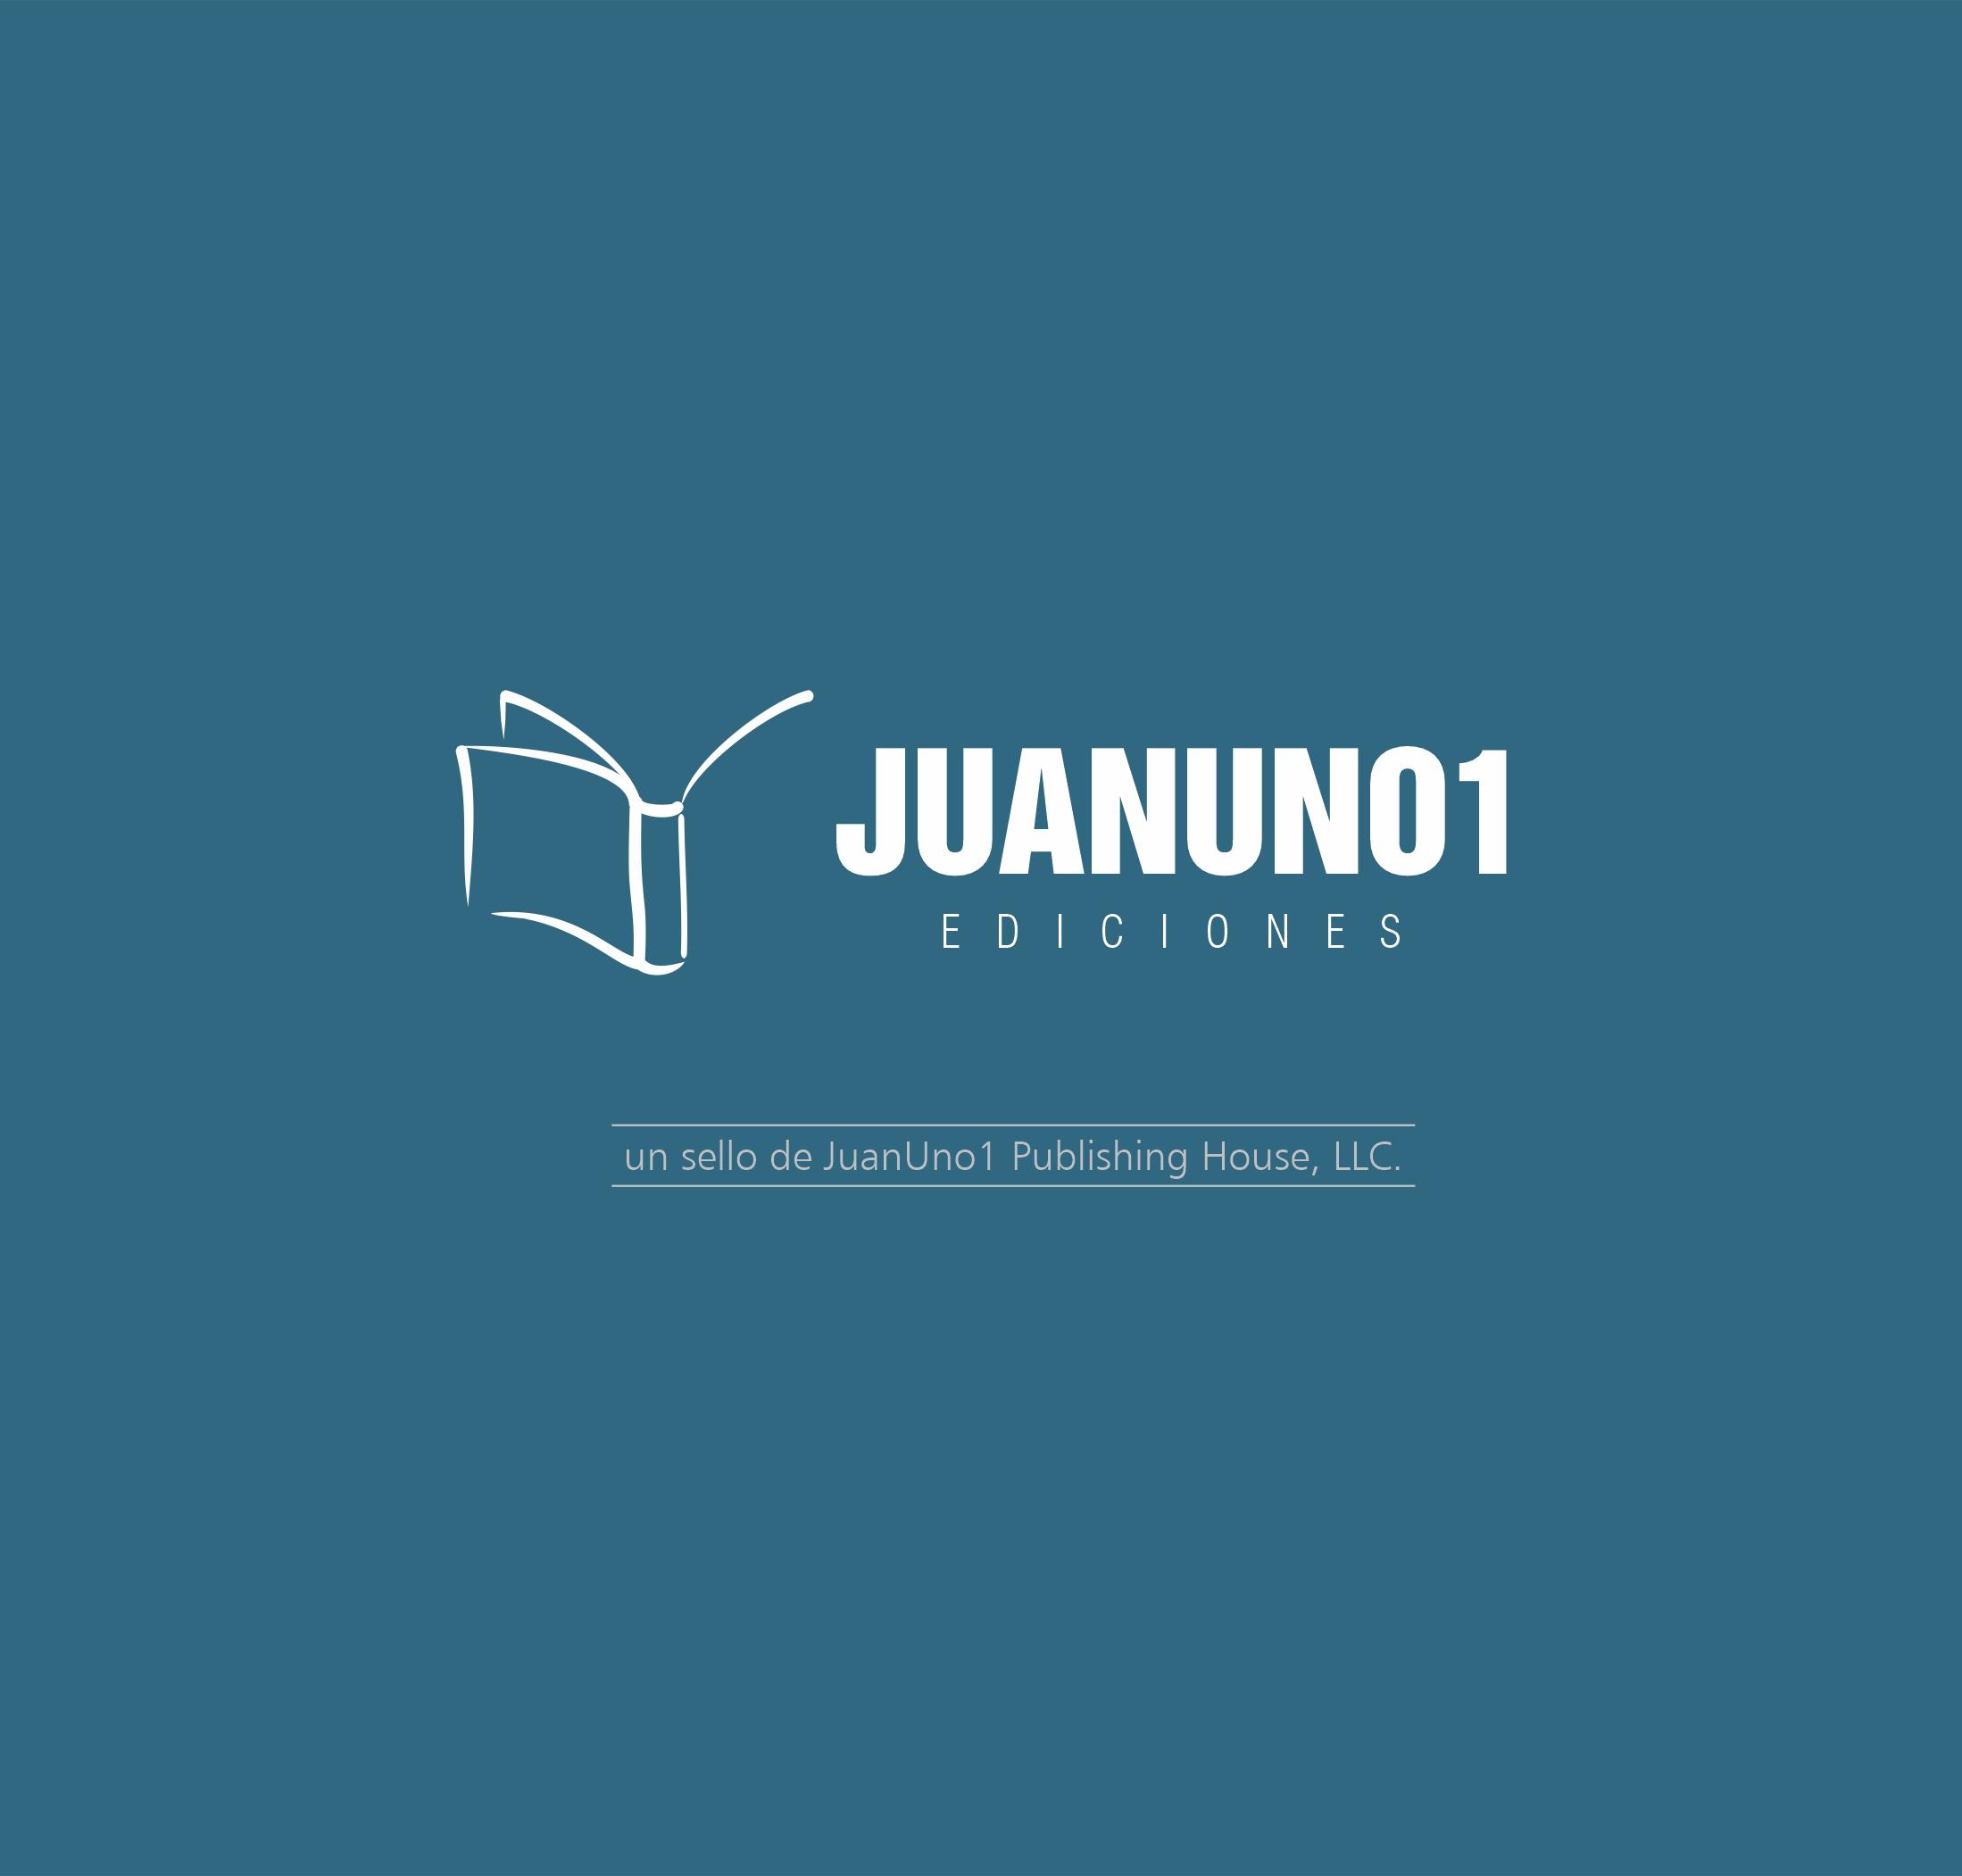 JUANUNO1 Ediciones is a Subsidiary of JuanUno1 Publishing House